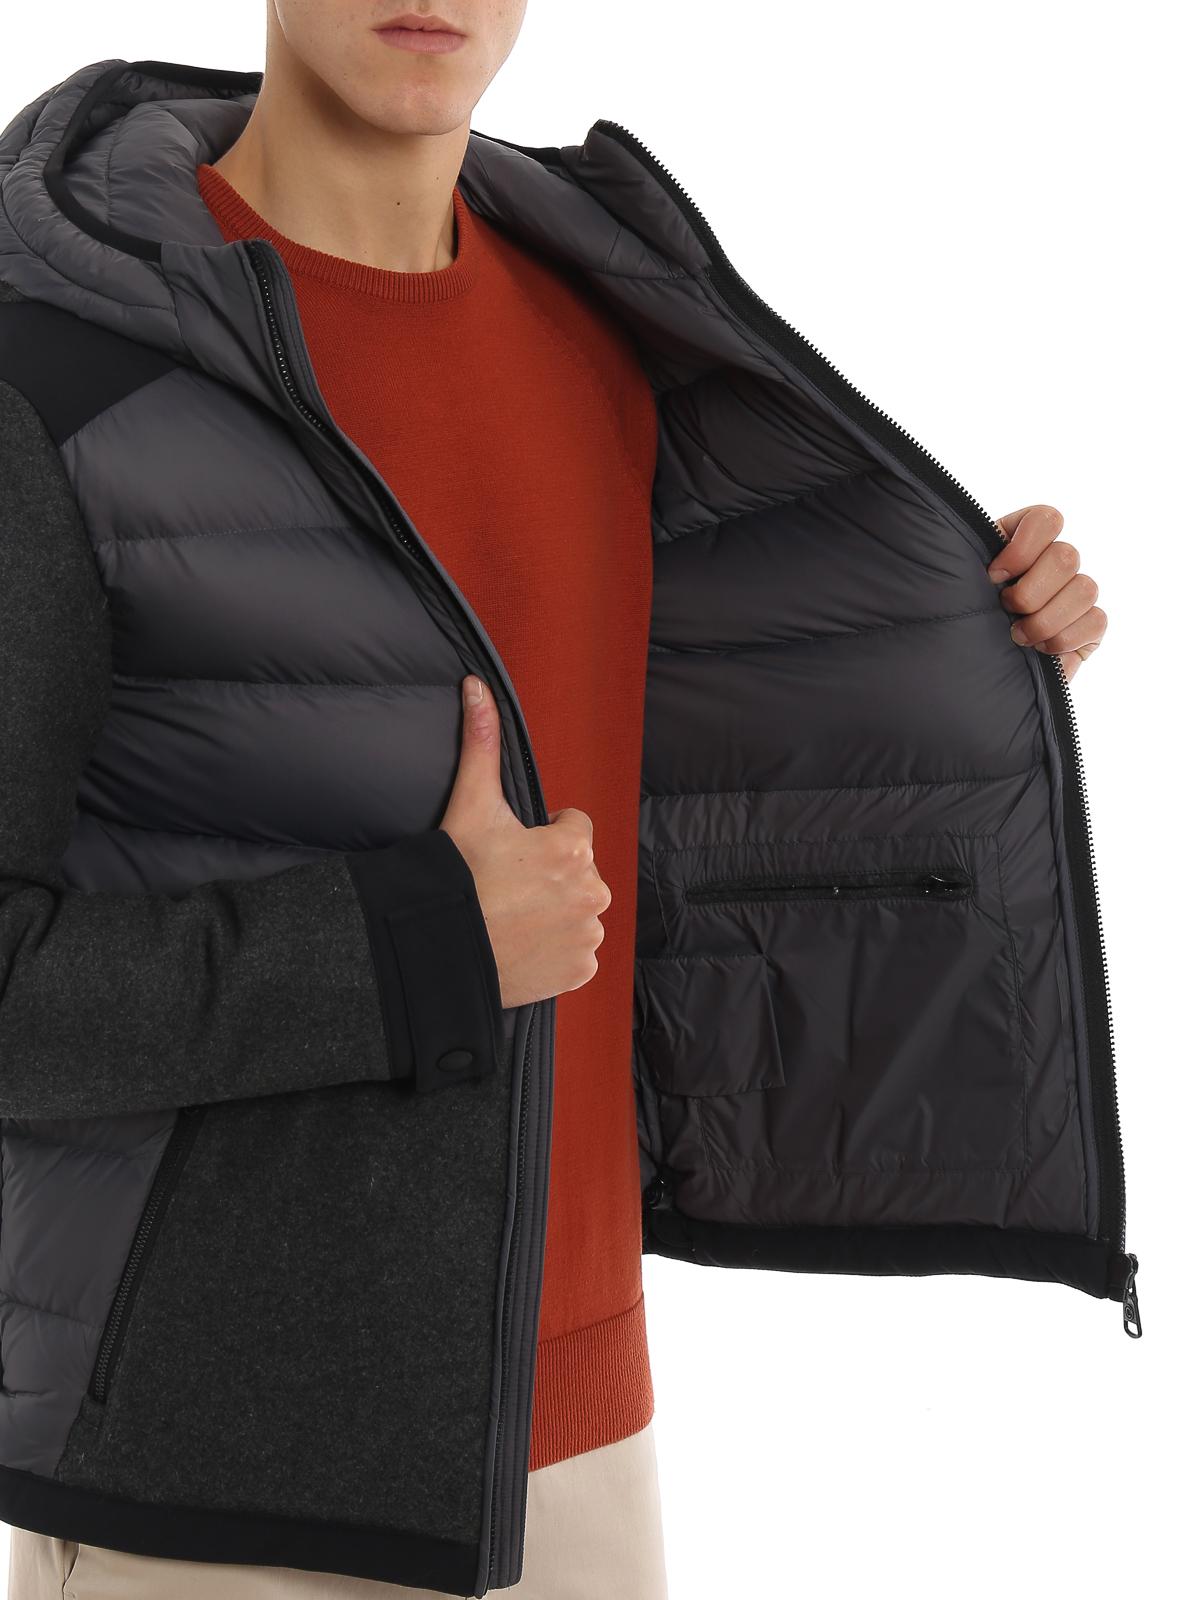 Colmar Originals Piumino in nylon con inserti in lana